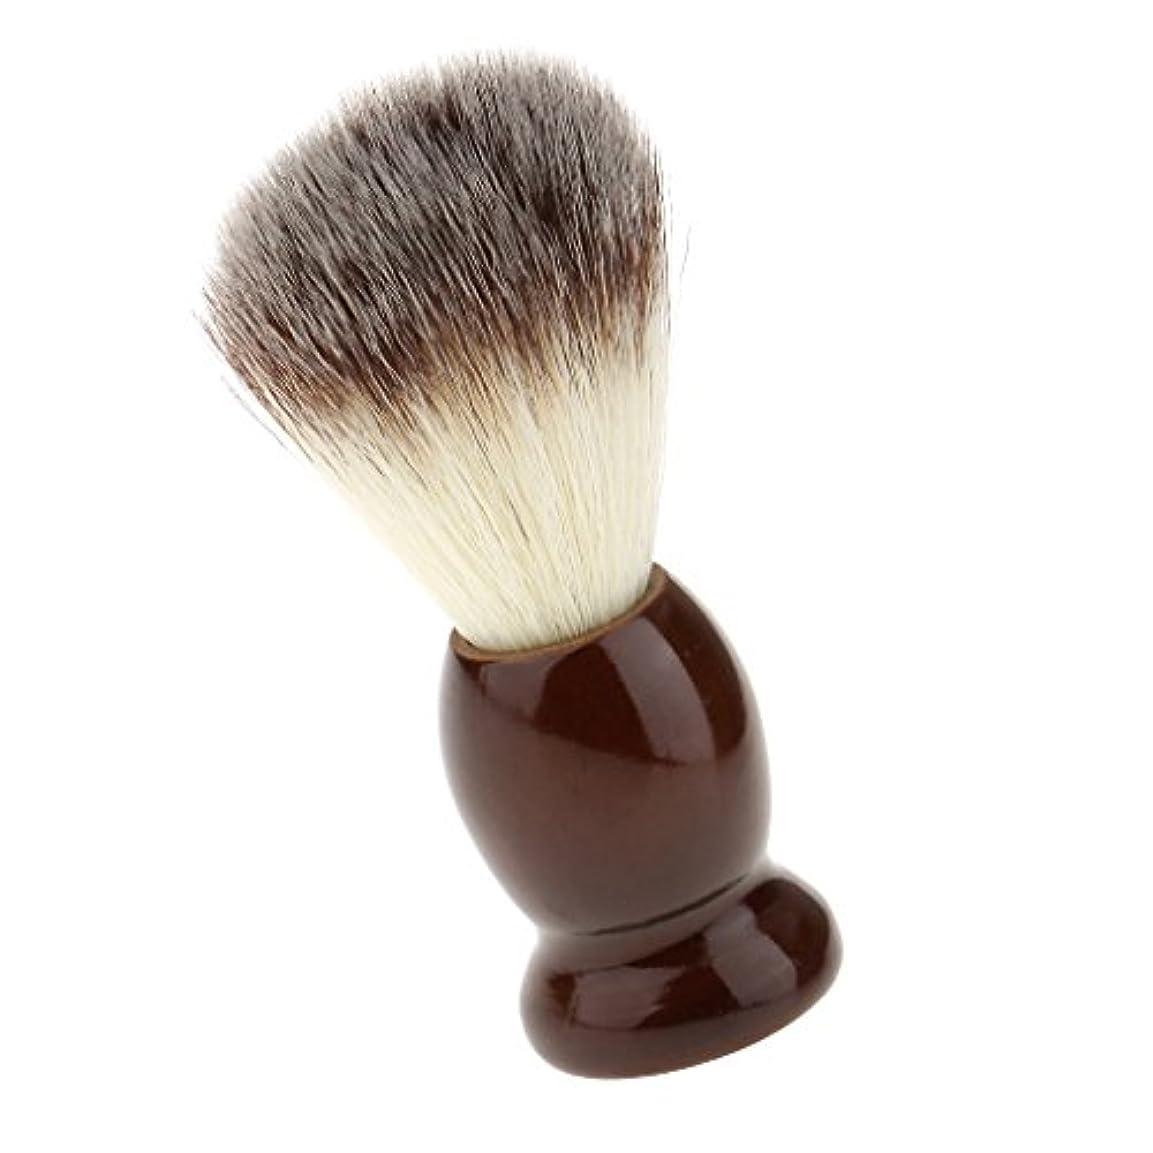 必要条件延ばす残り物SONONIA ナイロン製 シェービングブラシ サロン 柔らかい 髭剃り 洗顔 理容   便携 10.5cm  ブラウン